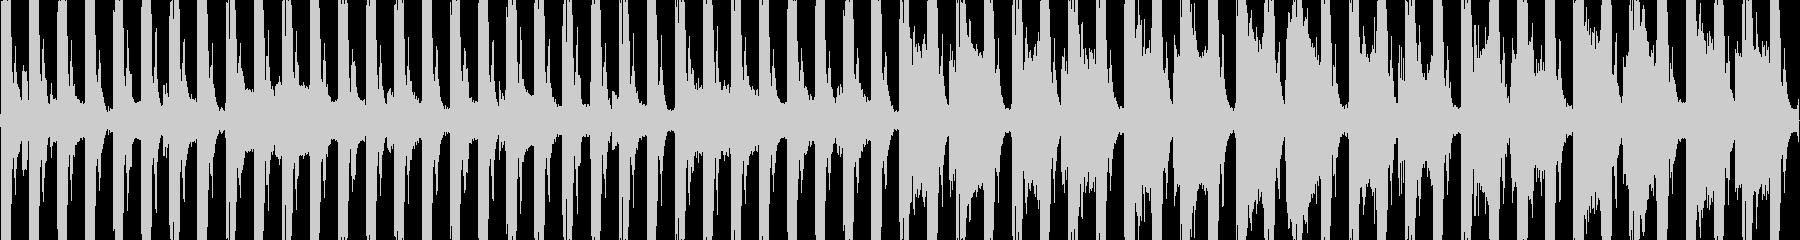 EDMループデモ2 何にでも使いやすい…の未再生の波形